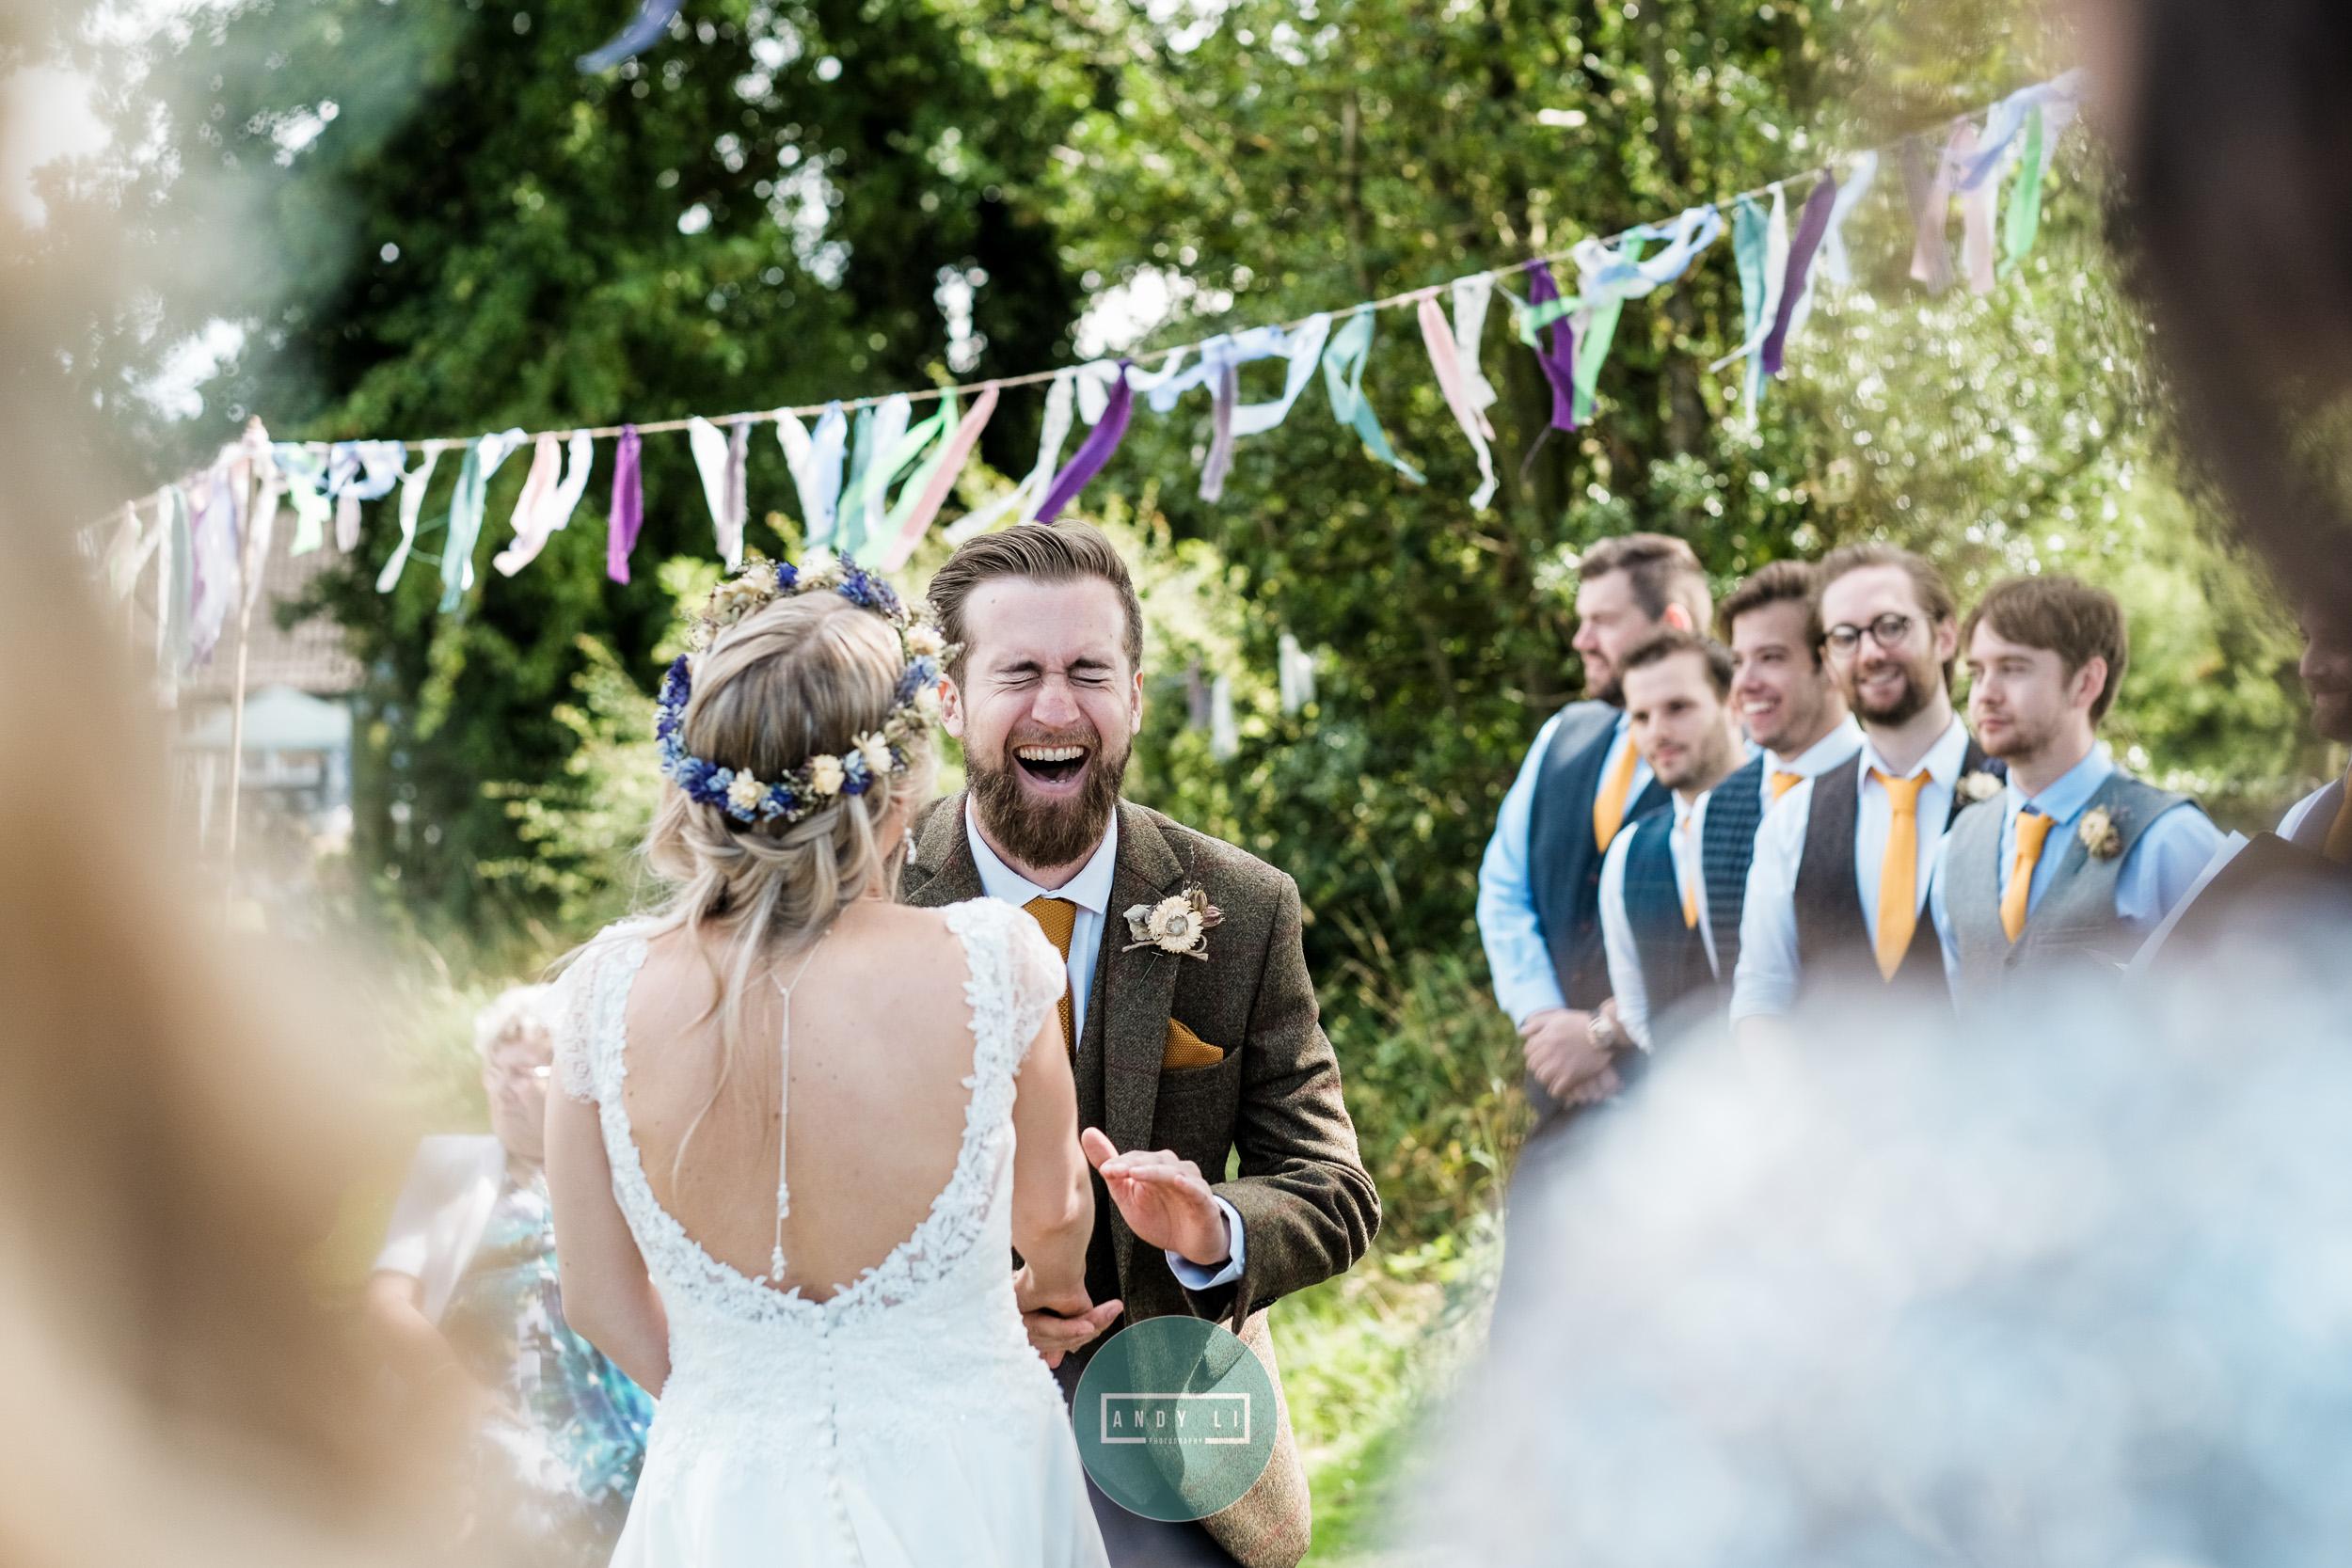 Wistanstow Village Hall Wedding Photographer-001-AXT20657.jpg